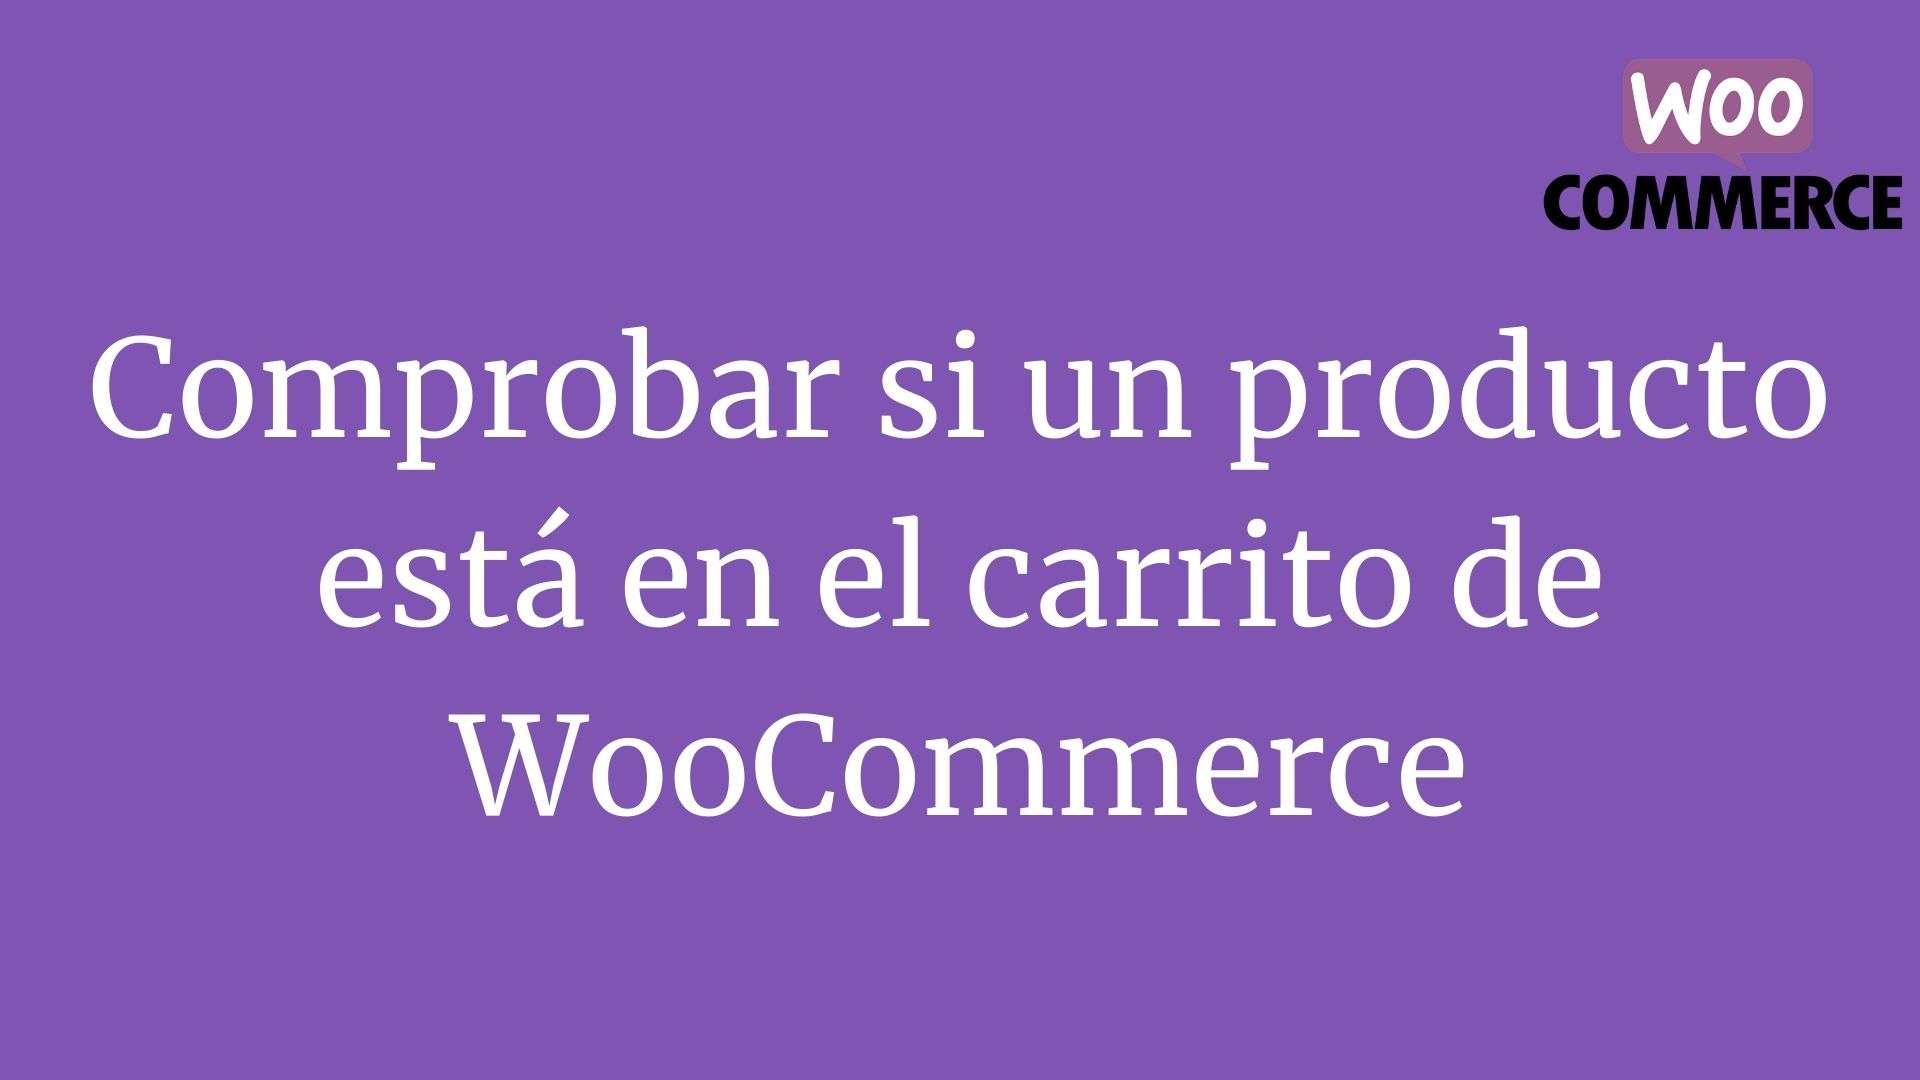 Comprobar si un producto está en el carrito de WooCommerce